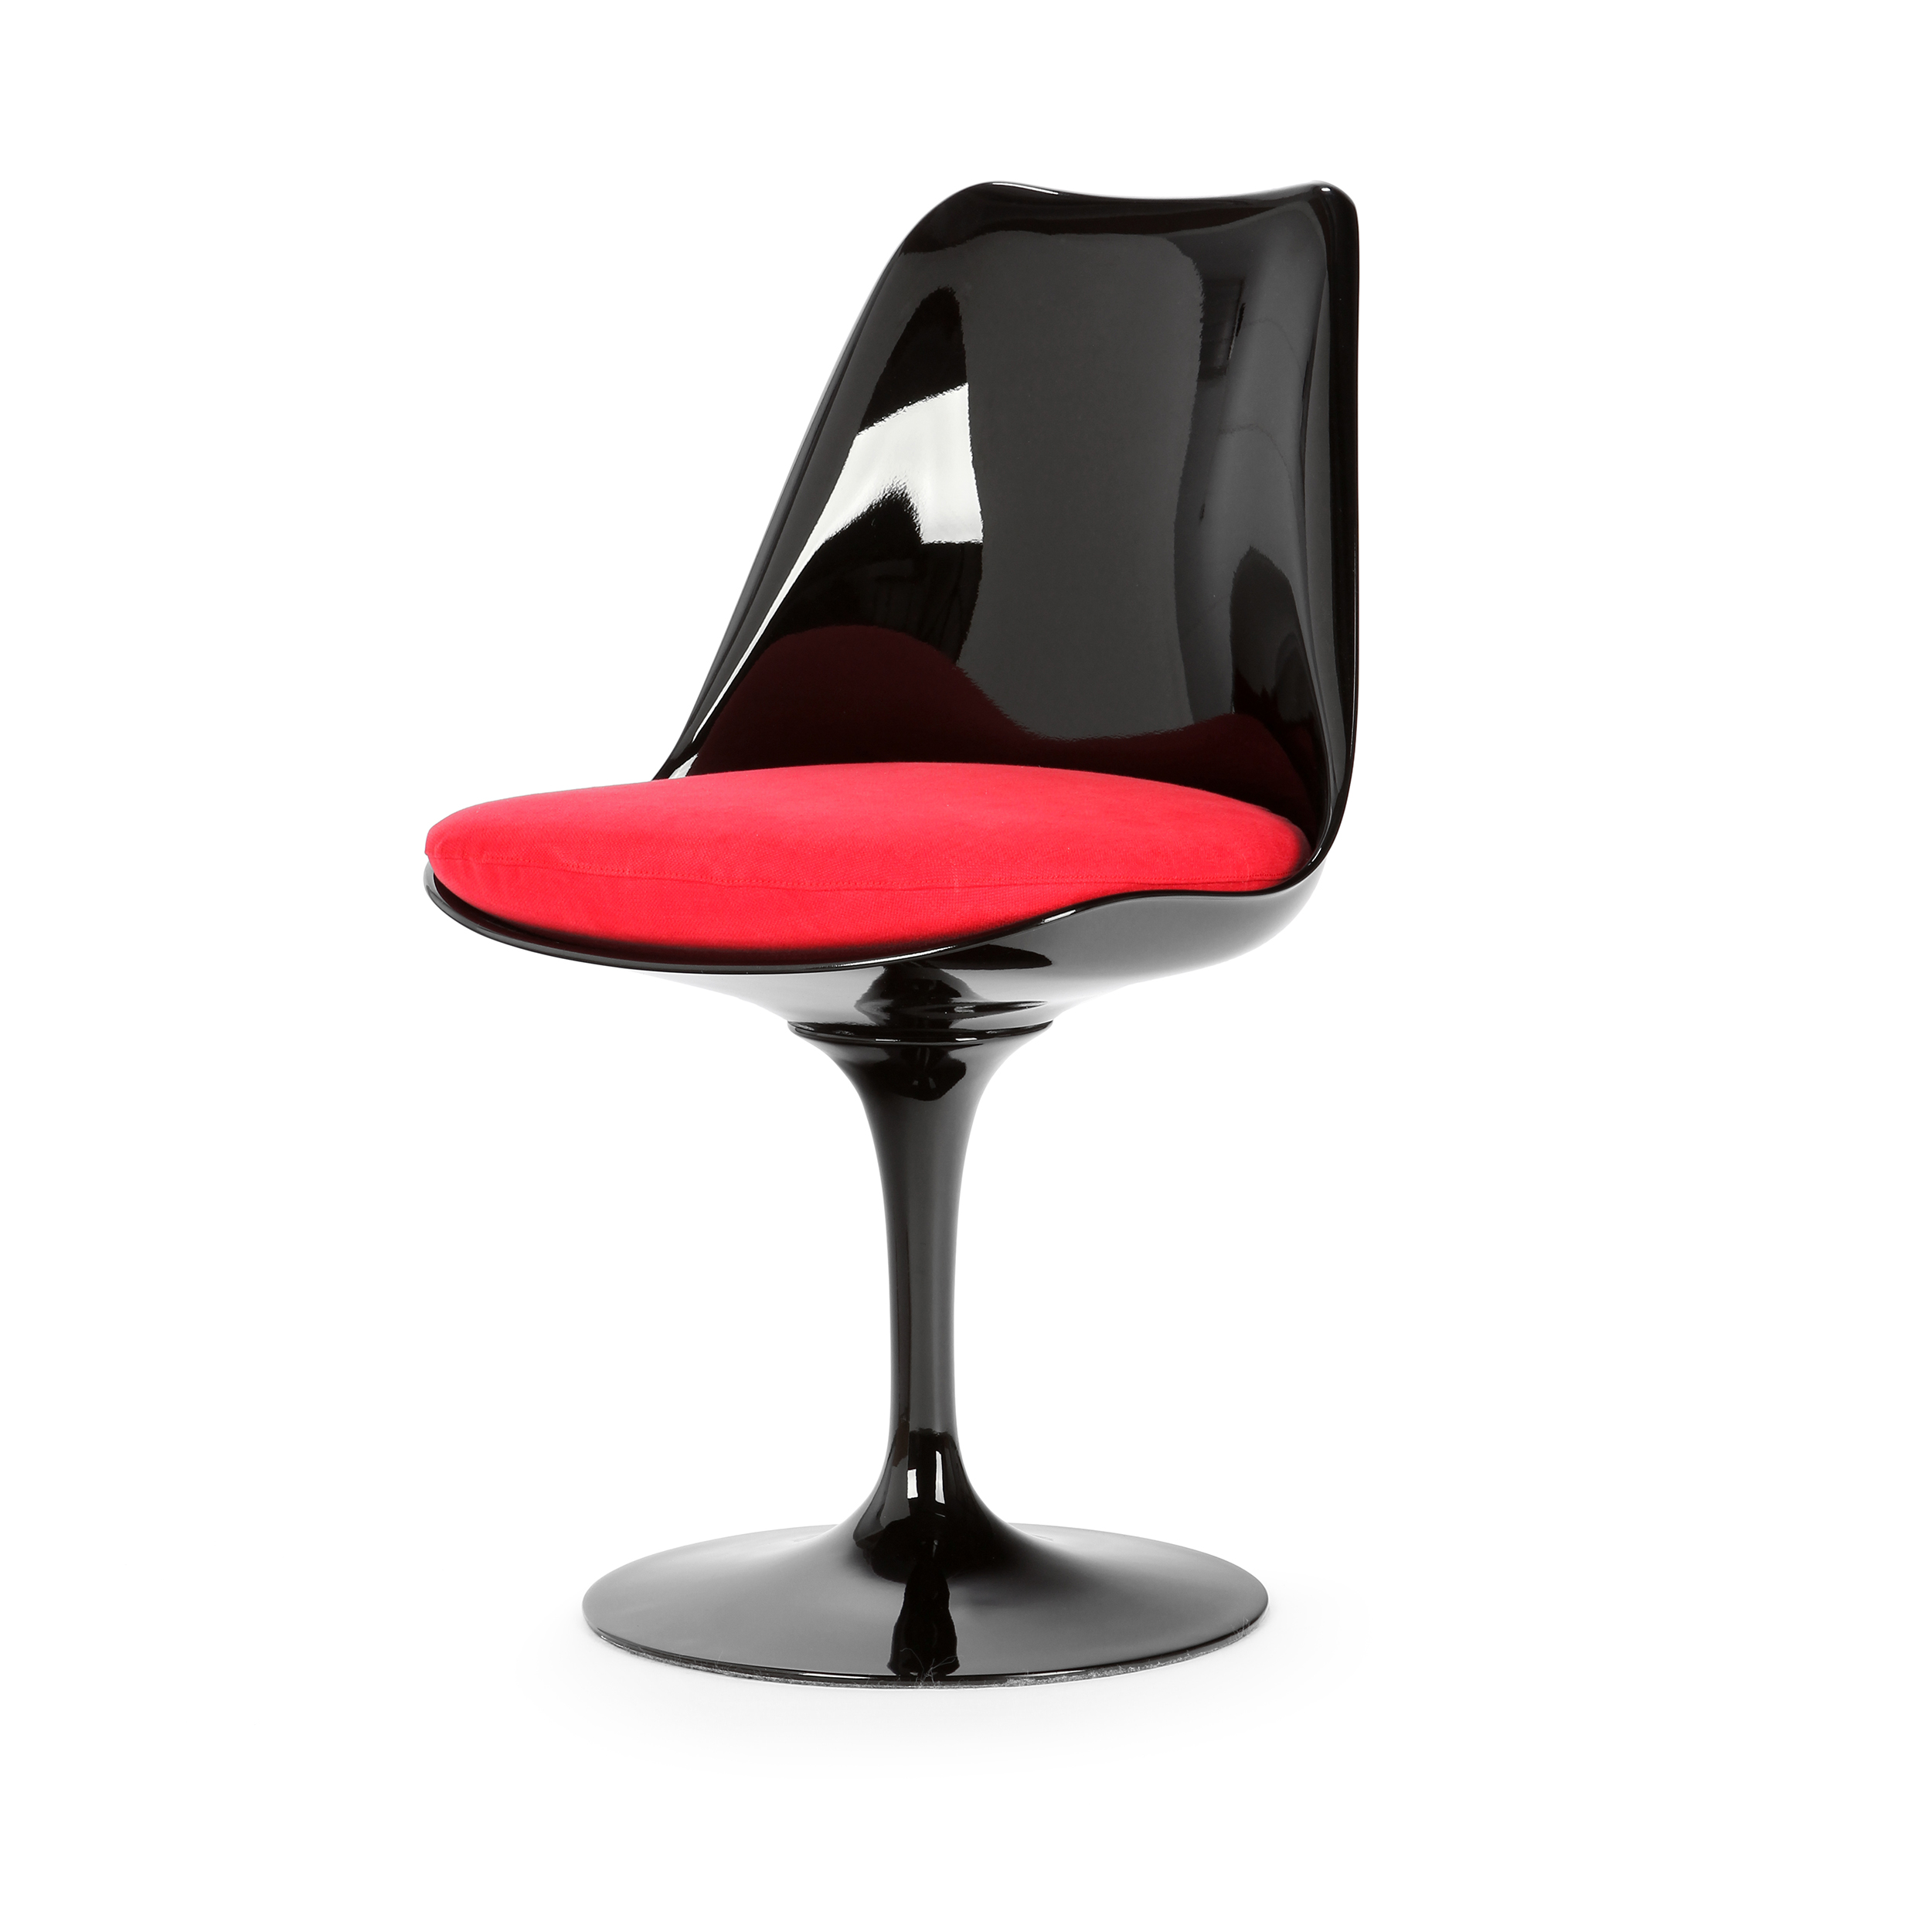 Стул TulipИнтерьерные<br>Дизайнерский стул Tulip (Тьюлип) из стекловолокна на алюминиевой ножке от Cosmo (Космо).<br><br> Стул Tulip — это один из самых знаменитых предметов мебели, он был разработан в 1958 году Ээро Саариненом. Поистине футуристический дизайн и классика модерна. Первый в мире одноногий стул изменил будущее дизайна мебели. Формой стул напоминает бокал или, как видно из названия, — тюльпан. Уникальное основание постамента обеспечивает устойчивость и выглядит эстетически привлекательным. Избавив стул от тр...<br><br>stock: 3<br>Высота: 81<br>Высота сиденья: 46<br>Ширина: 49,5<br>Глубина: 53<br>Цвет ножек: Черный глянец<br>Механизмы: Поворотная функция<br>Тип материала каркаса: Стекловолокно<br>Материал сидения: Хлопок, Лен<br>Цвет сидения: Красный<br>Тип материала сидения: Ткань<br>Коллекция ткани: Ray Fabric<br>Тип материала ножек: Алюминий<br>Цвет каркаса: Черный глянец